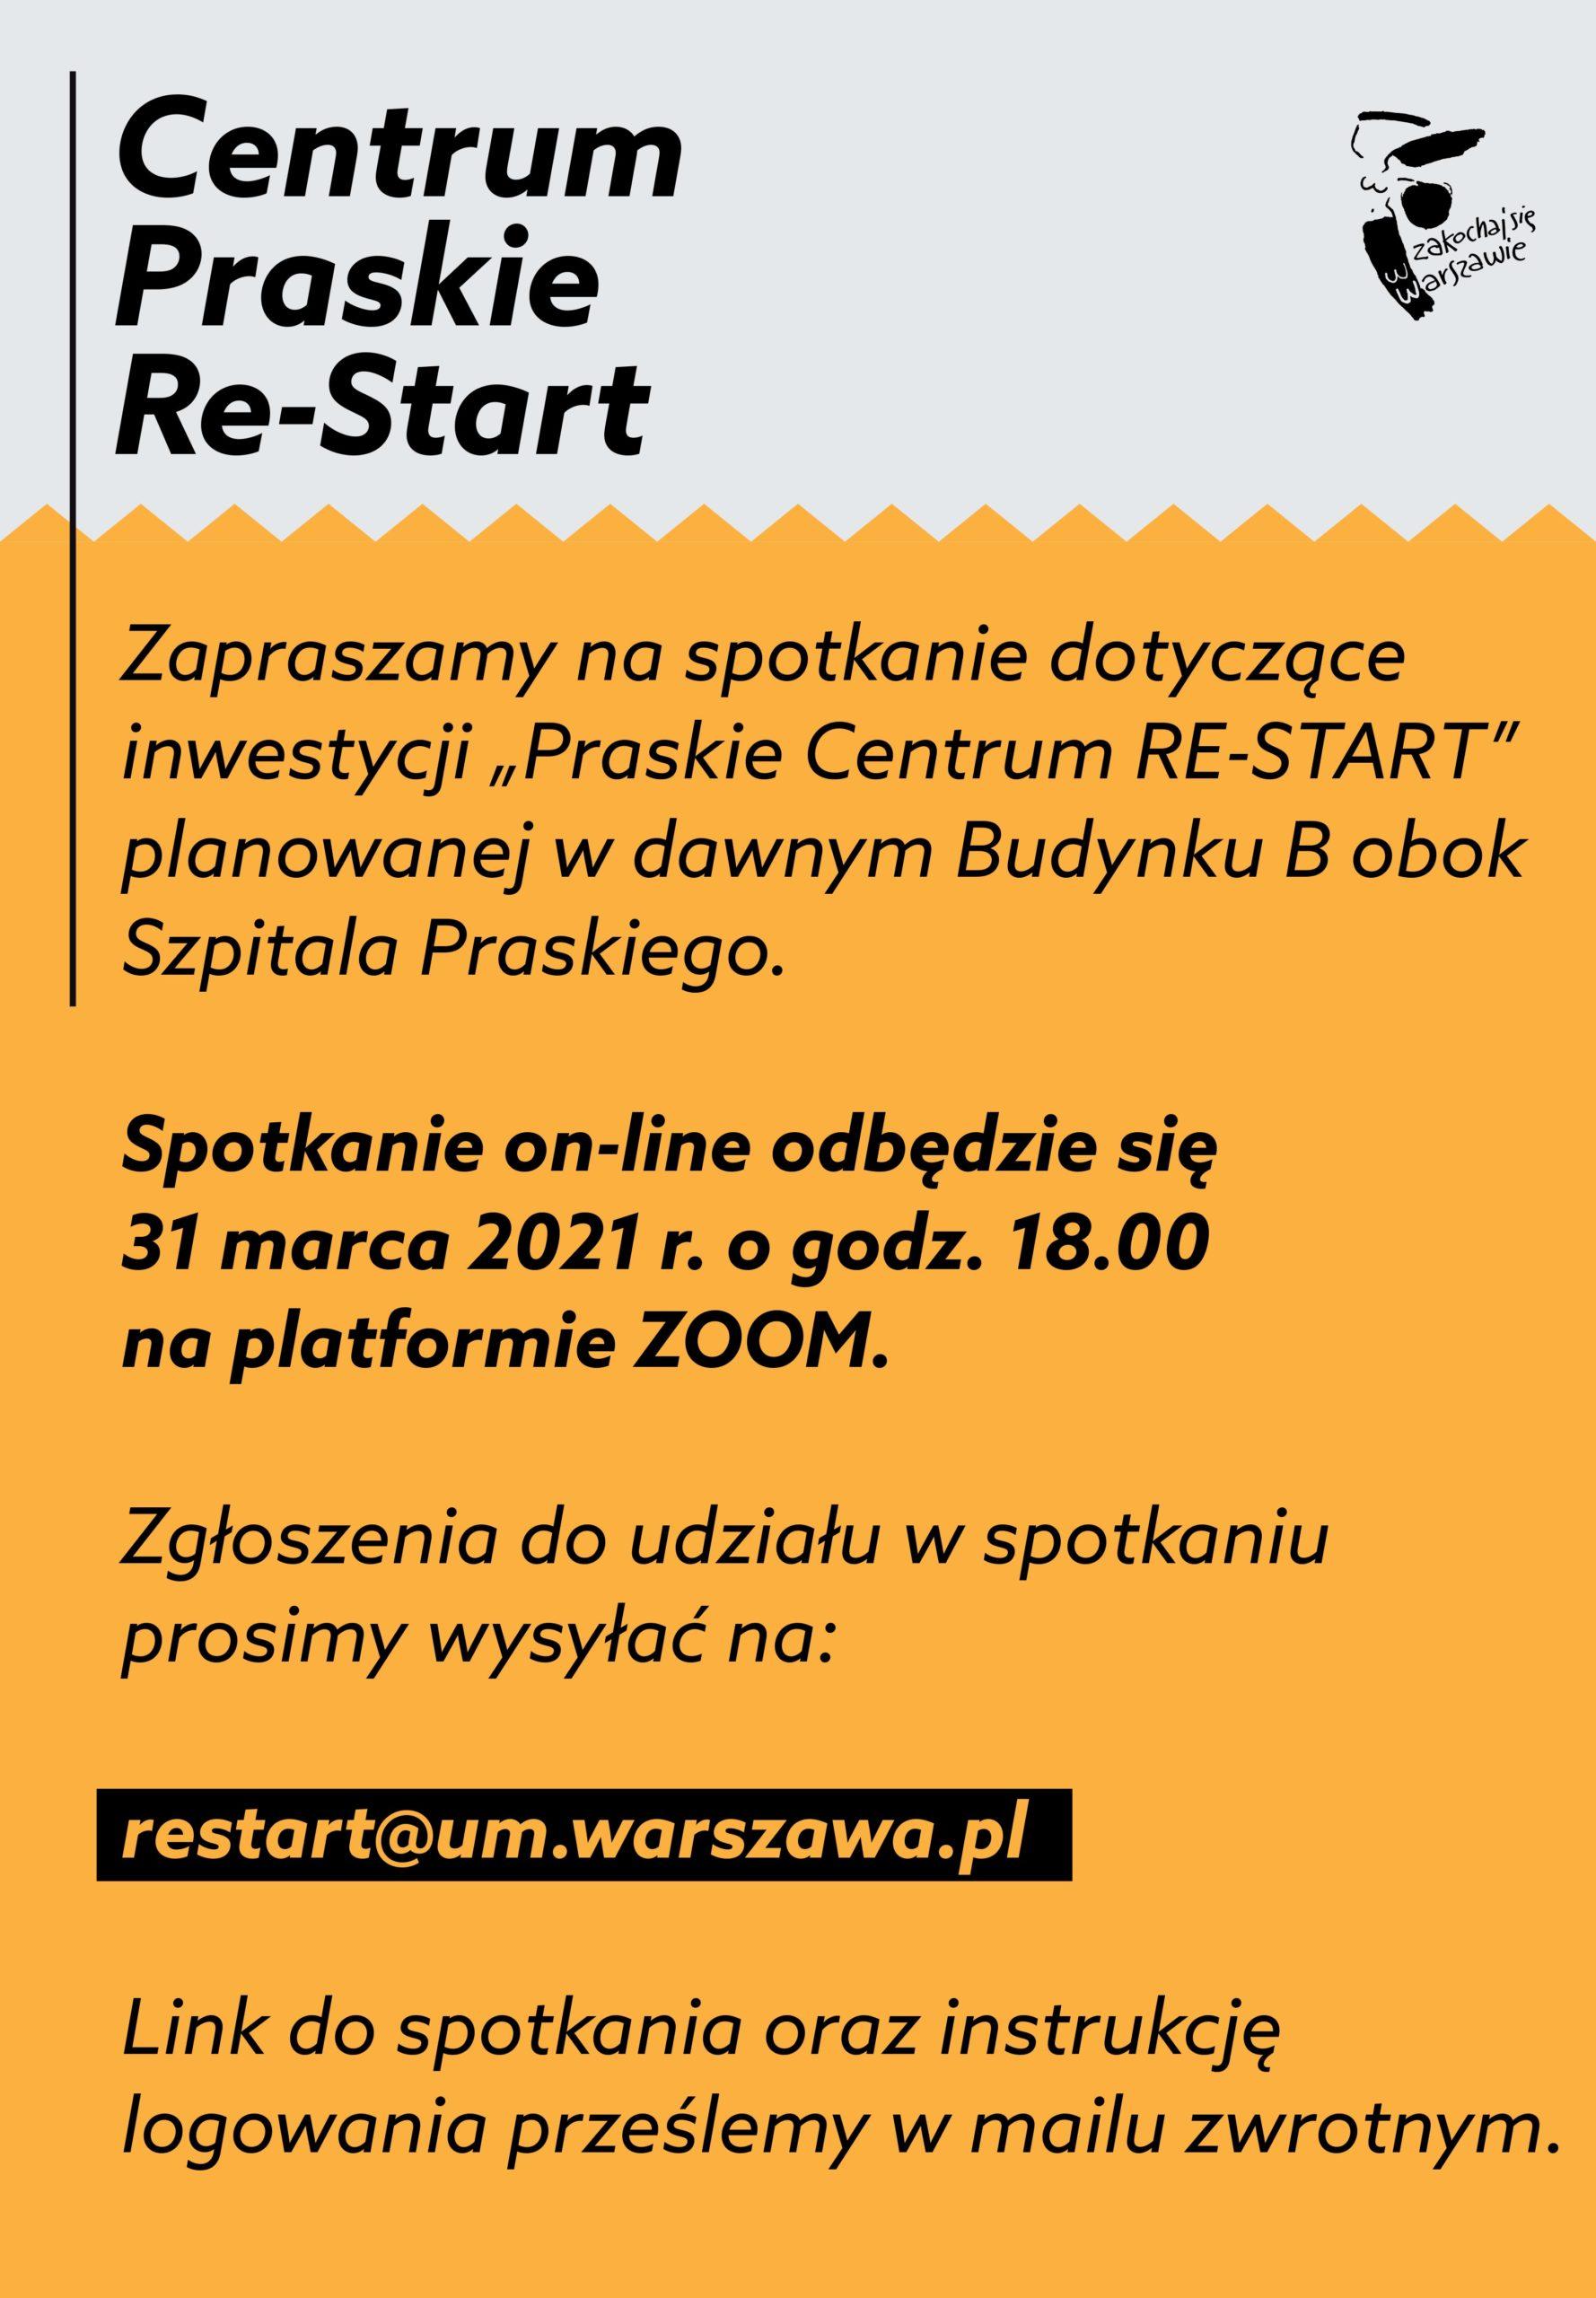 """Plakat zapraszający naspotkaie online """"Praskie Centrum RE-START"""", 31 marca godzina 18:00 naplatformie zoom, zapisy narestart@um.warszawa.pl"""